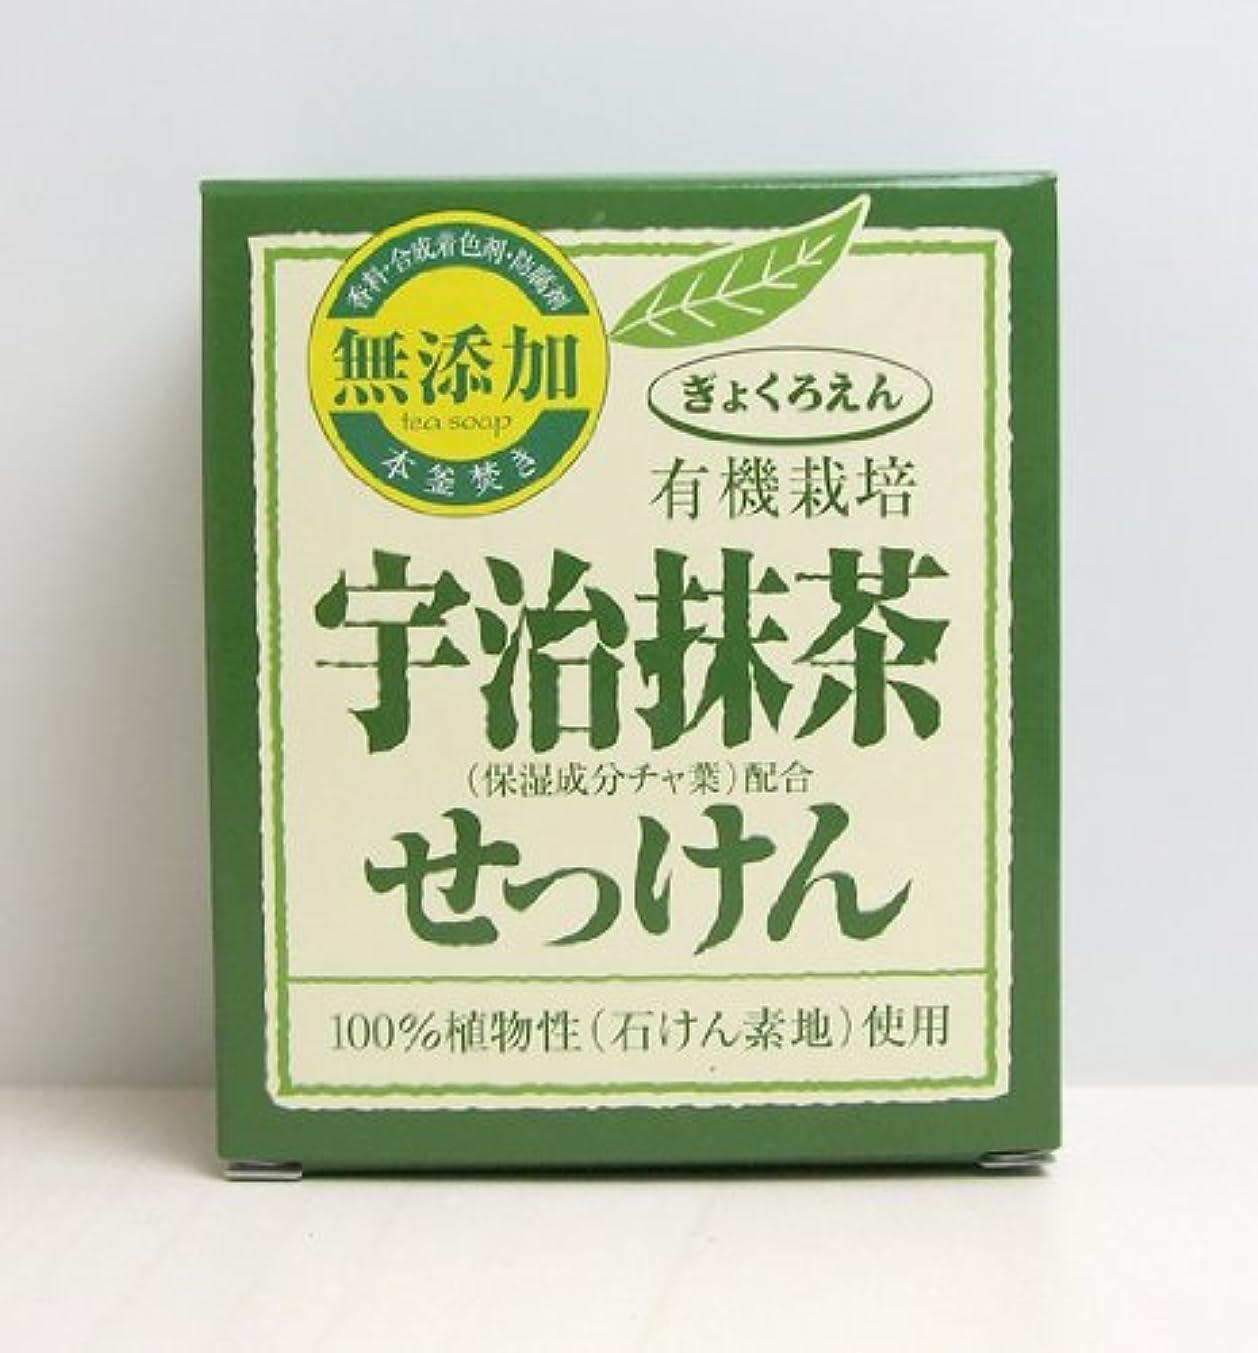 本質的ではないかき混ぜる形お茶のせっけん:有機栽培宇治抹茶せっけん